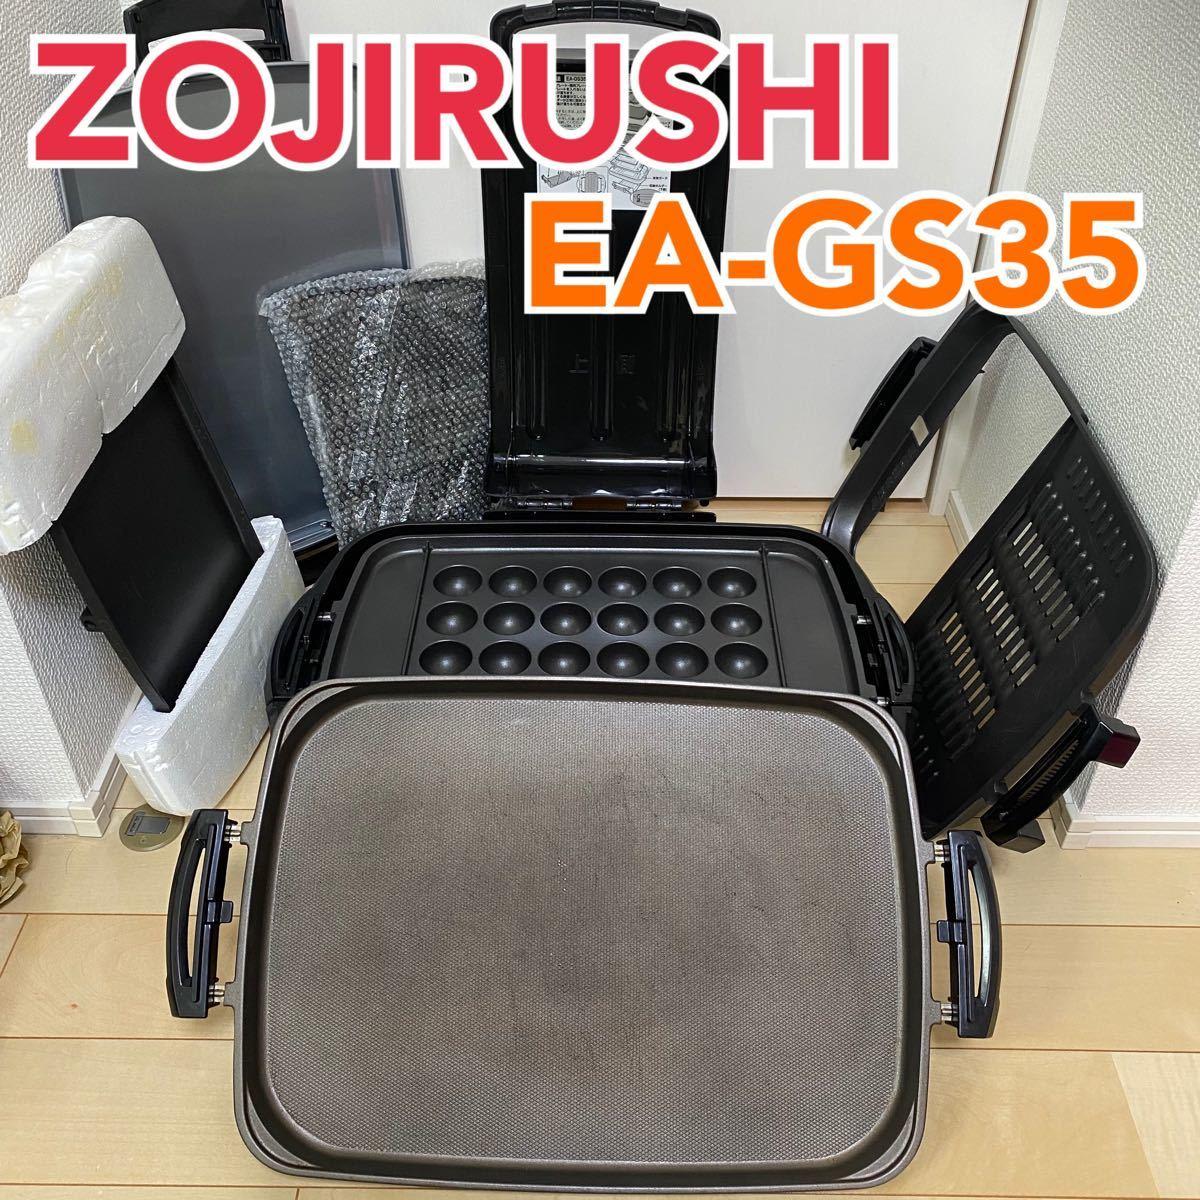 象印ホットプレート ホットプレート ZOJIRUSHI EA-GS35